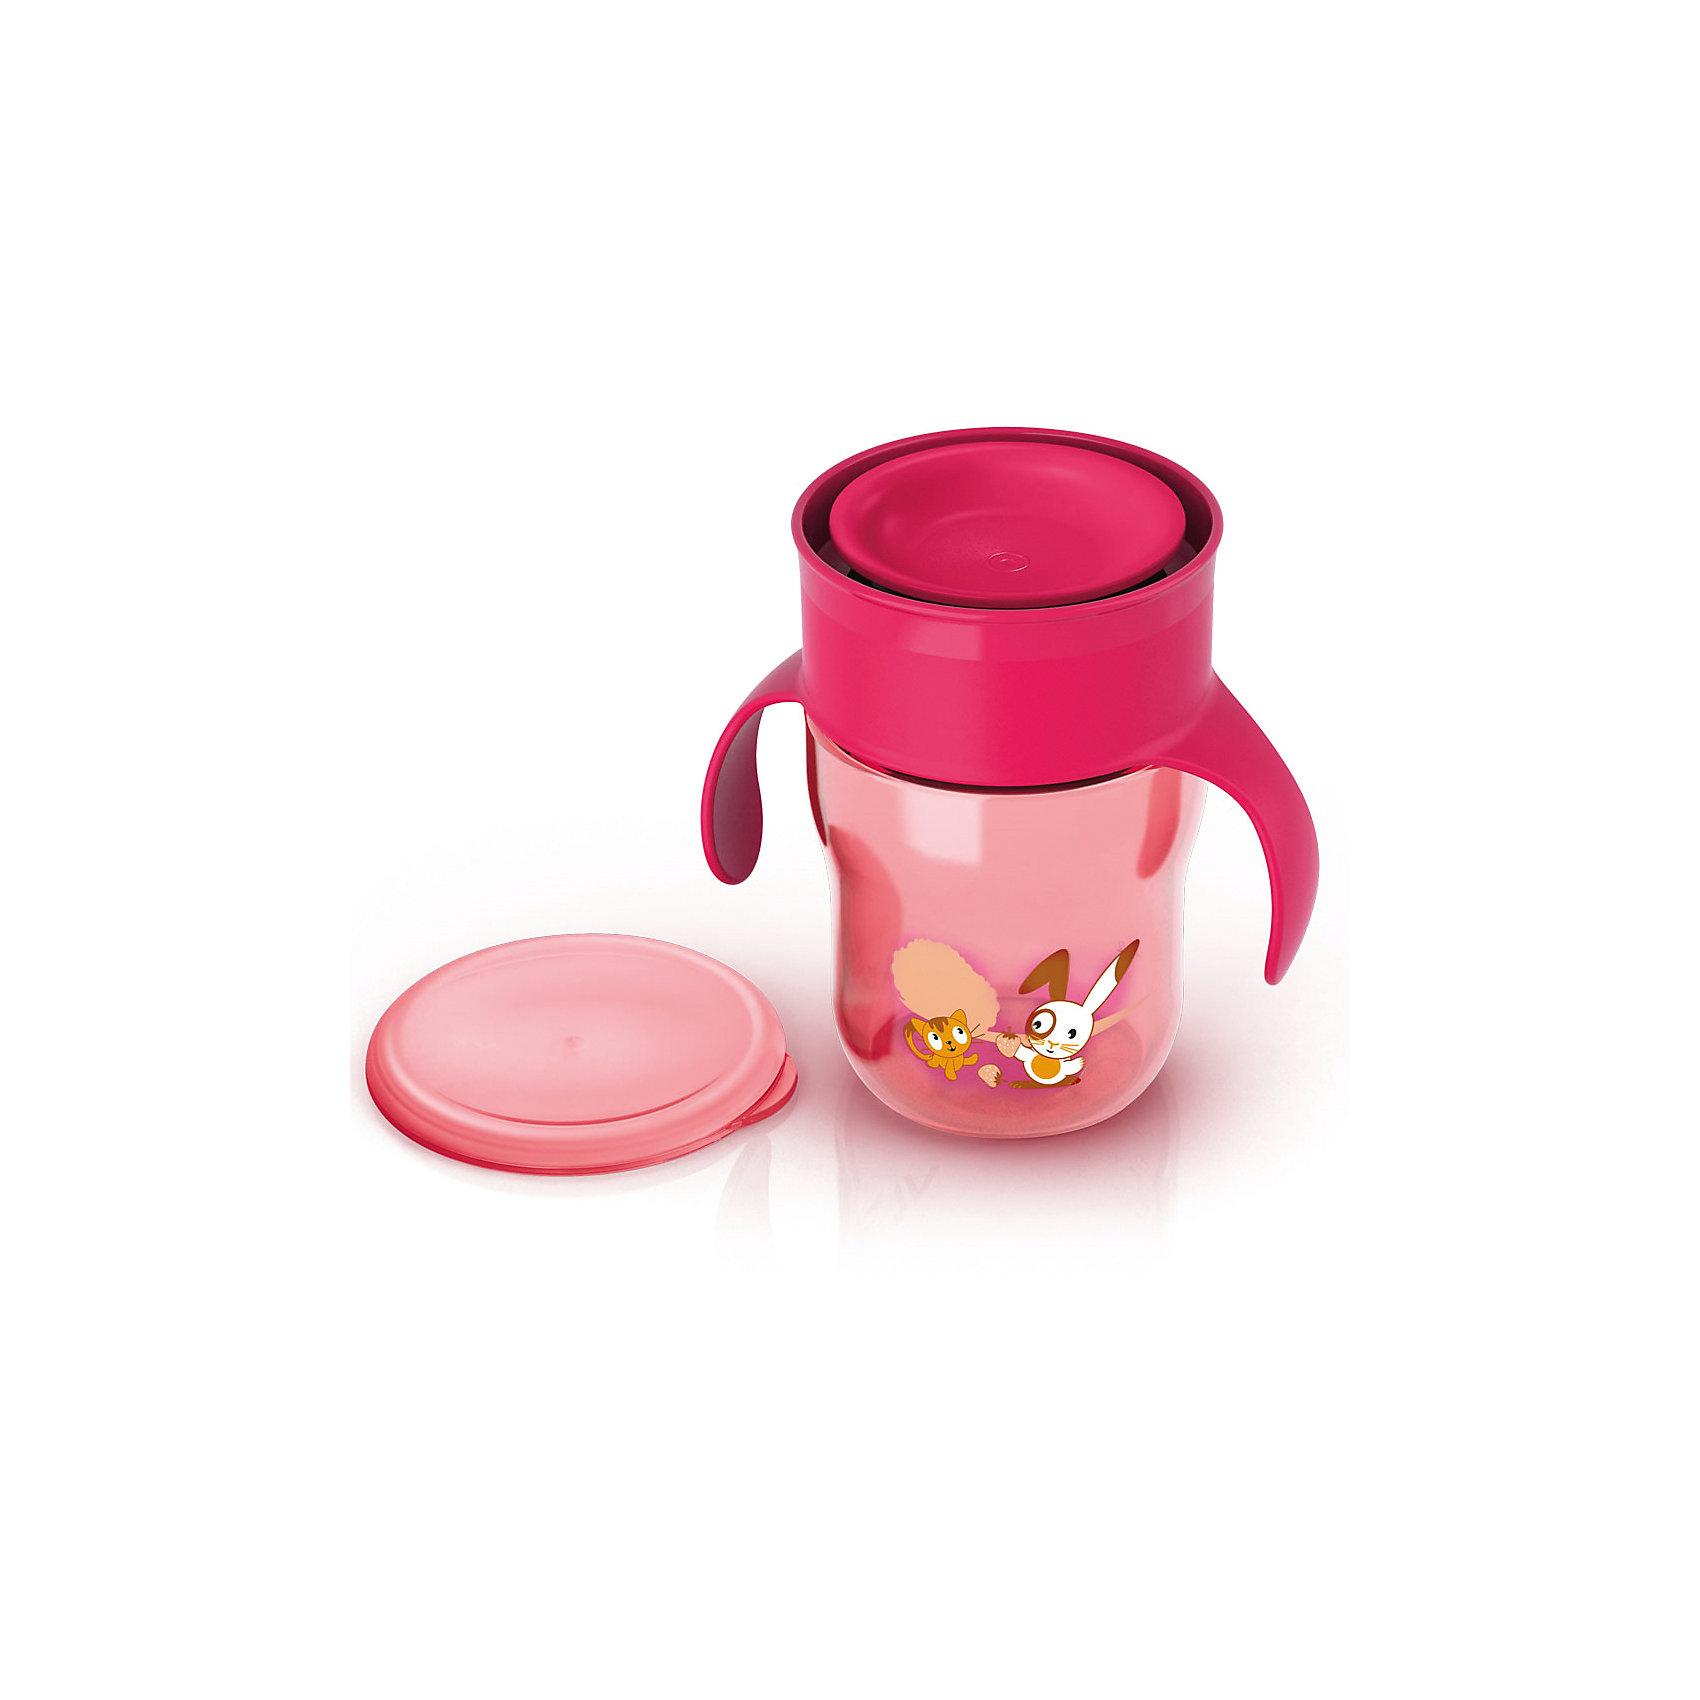 Поильник-чашка 260мл,  AVENT, розовыйПоильник-чашка 260мл - инновационная чашка от Philips AVENT (Авент), которая поможет Вашему малышу легко и играючи перейти на использование обычной чашки без носика и трубочки. Кроме того, кружка-поильник удобна для использования в транспорте  и позволит сохранить в чистоте одежду малыша и салон автомобиля.<br>Уникальный клапан с защитой от протекания — передовое решение, специально разработанное экспертами Philips AVENT (Авент). Клапан реагирует на прикосновение губ, обеспечивая удобство питья для ребенка и исключая проливание напитка.<br>Обучающие ручки приучают малыша держать чашку и пить без посторонней помощи.<br>Дополнительная информация:<br>- В  комплекте кружка-поильник с защитным клапаном и обучающими ручками, крышка - 1 шт.<br>- Клапан с быстрым потоком позволяет малышу пить, не прилагая лишних усилий, не всасывая жидкость. Идеально для малышей старше года.<br>- Не содержит бисфенол-А.<br>- Можно мыть в посудомоечной машине.<br>- Кружка-поильник не предназначена для приготовления пищи, а также  для горячих и шипучих напитков.<br>Поильник-чашку 260мл,  AVENT в розовом цвете можно купить в нашем интернет-магазине.<br><br>Ширина мм: 150<br>Глубина мм: 70<br>Высота мм: 70<br>Вес г: 250<br>Возраст от месяцев: 12<br>Возраст до месяцев: 36<br>Пол: Женский<br>Возраст: Детский<br>SKU: 4079879